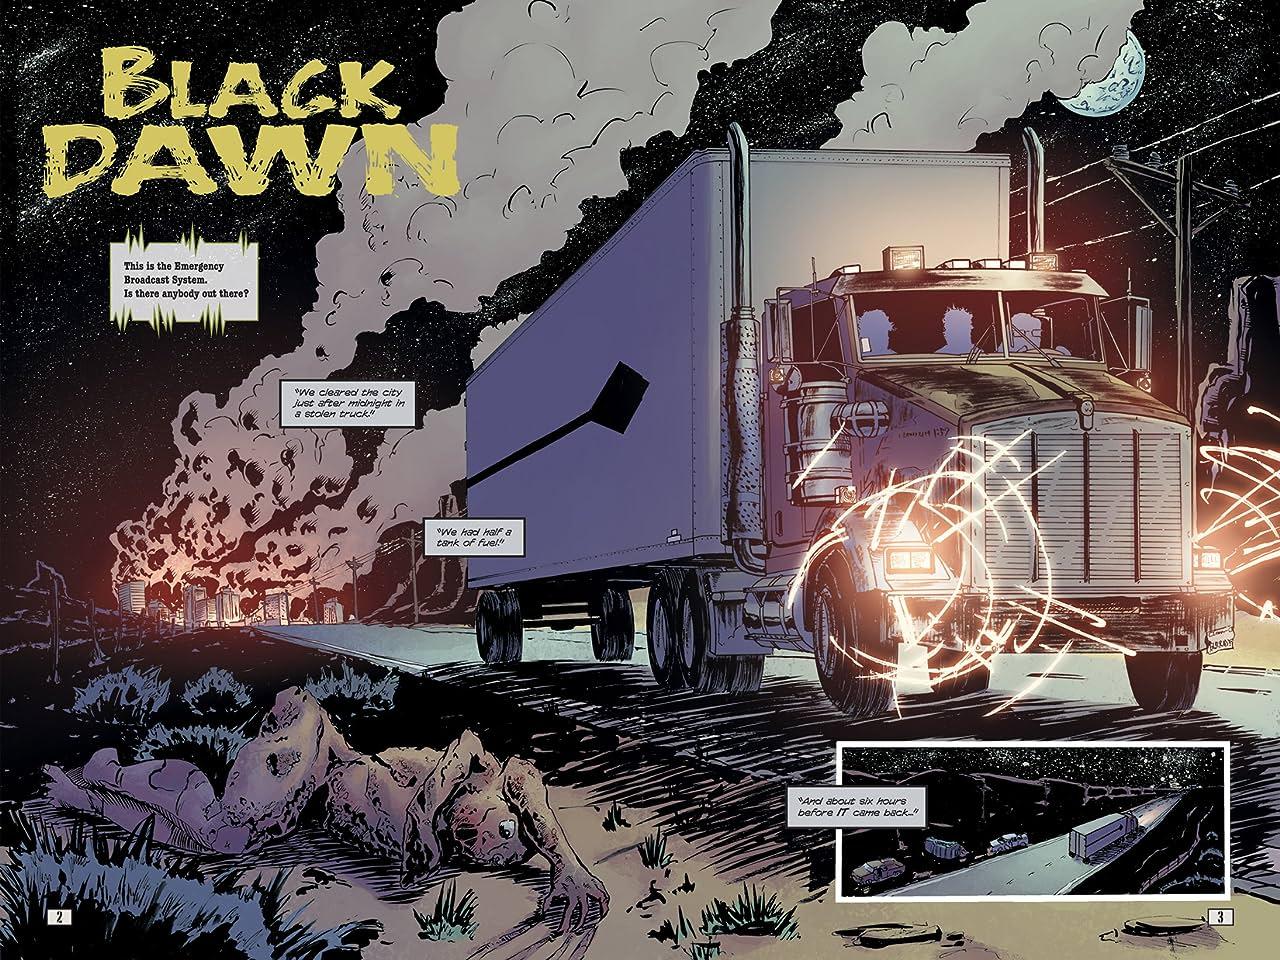 Black Dawn #1